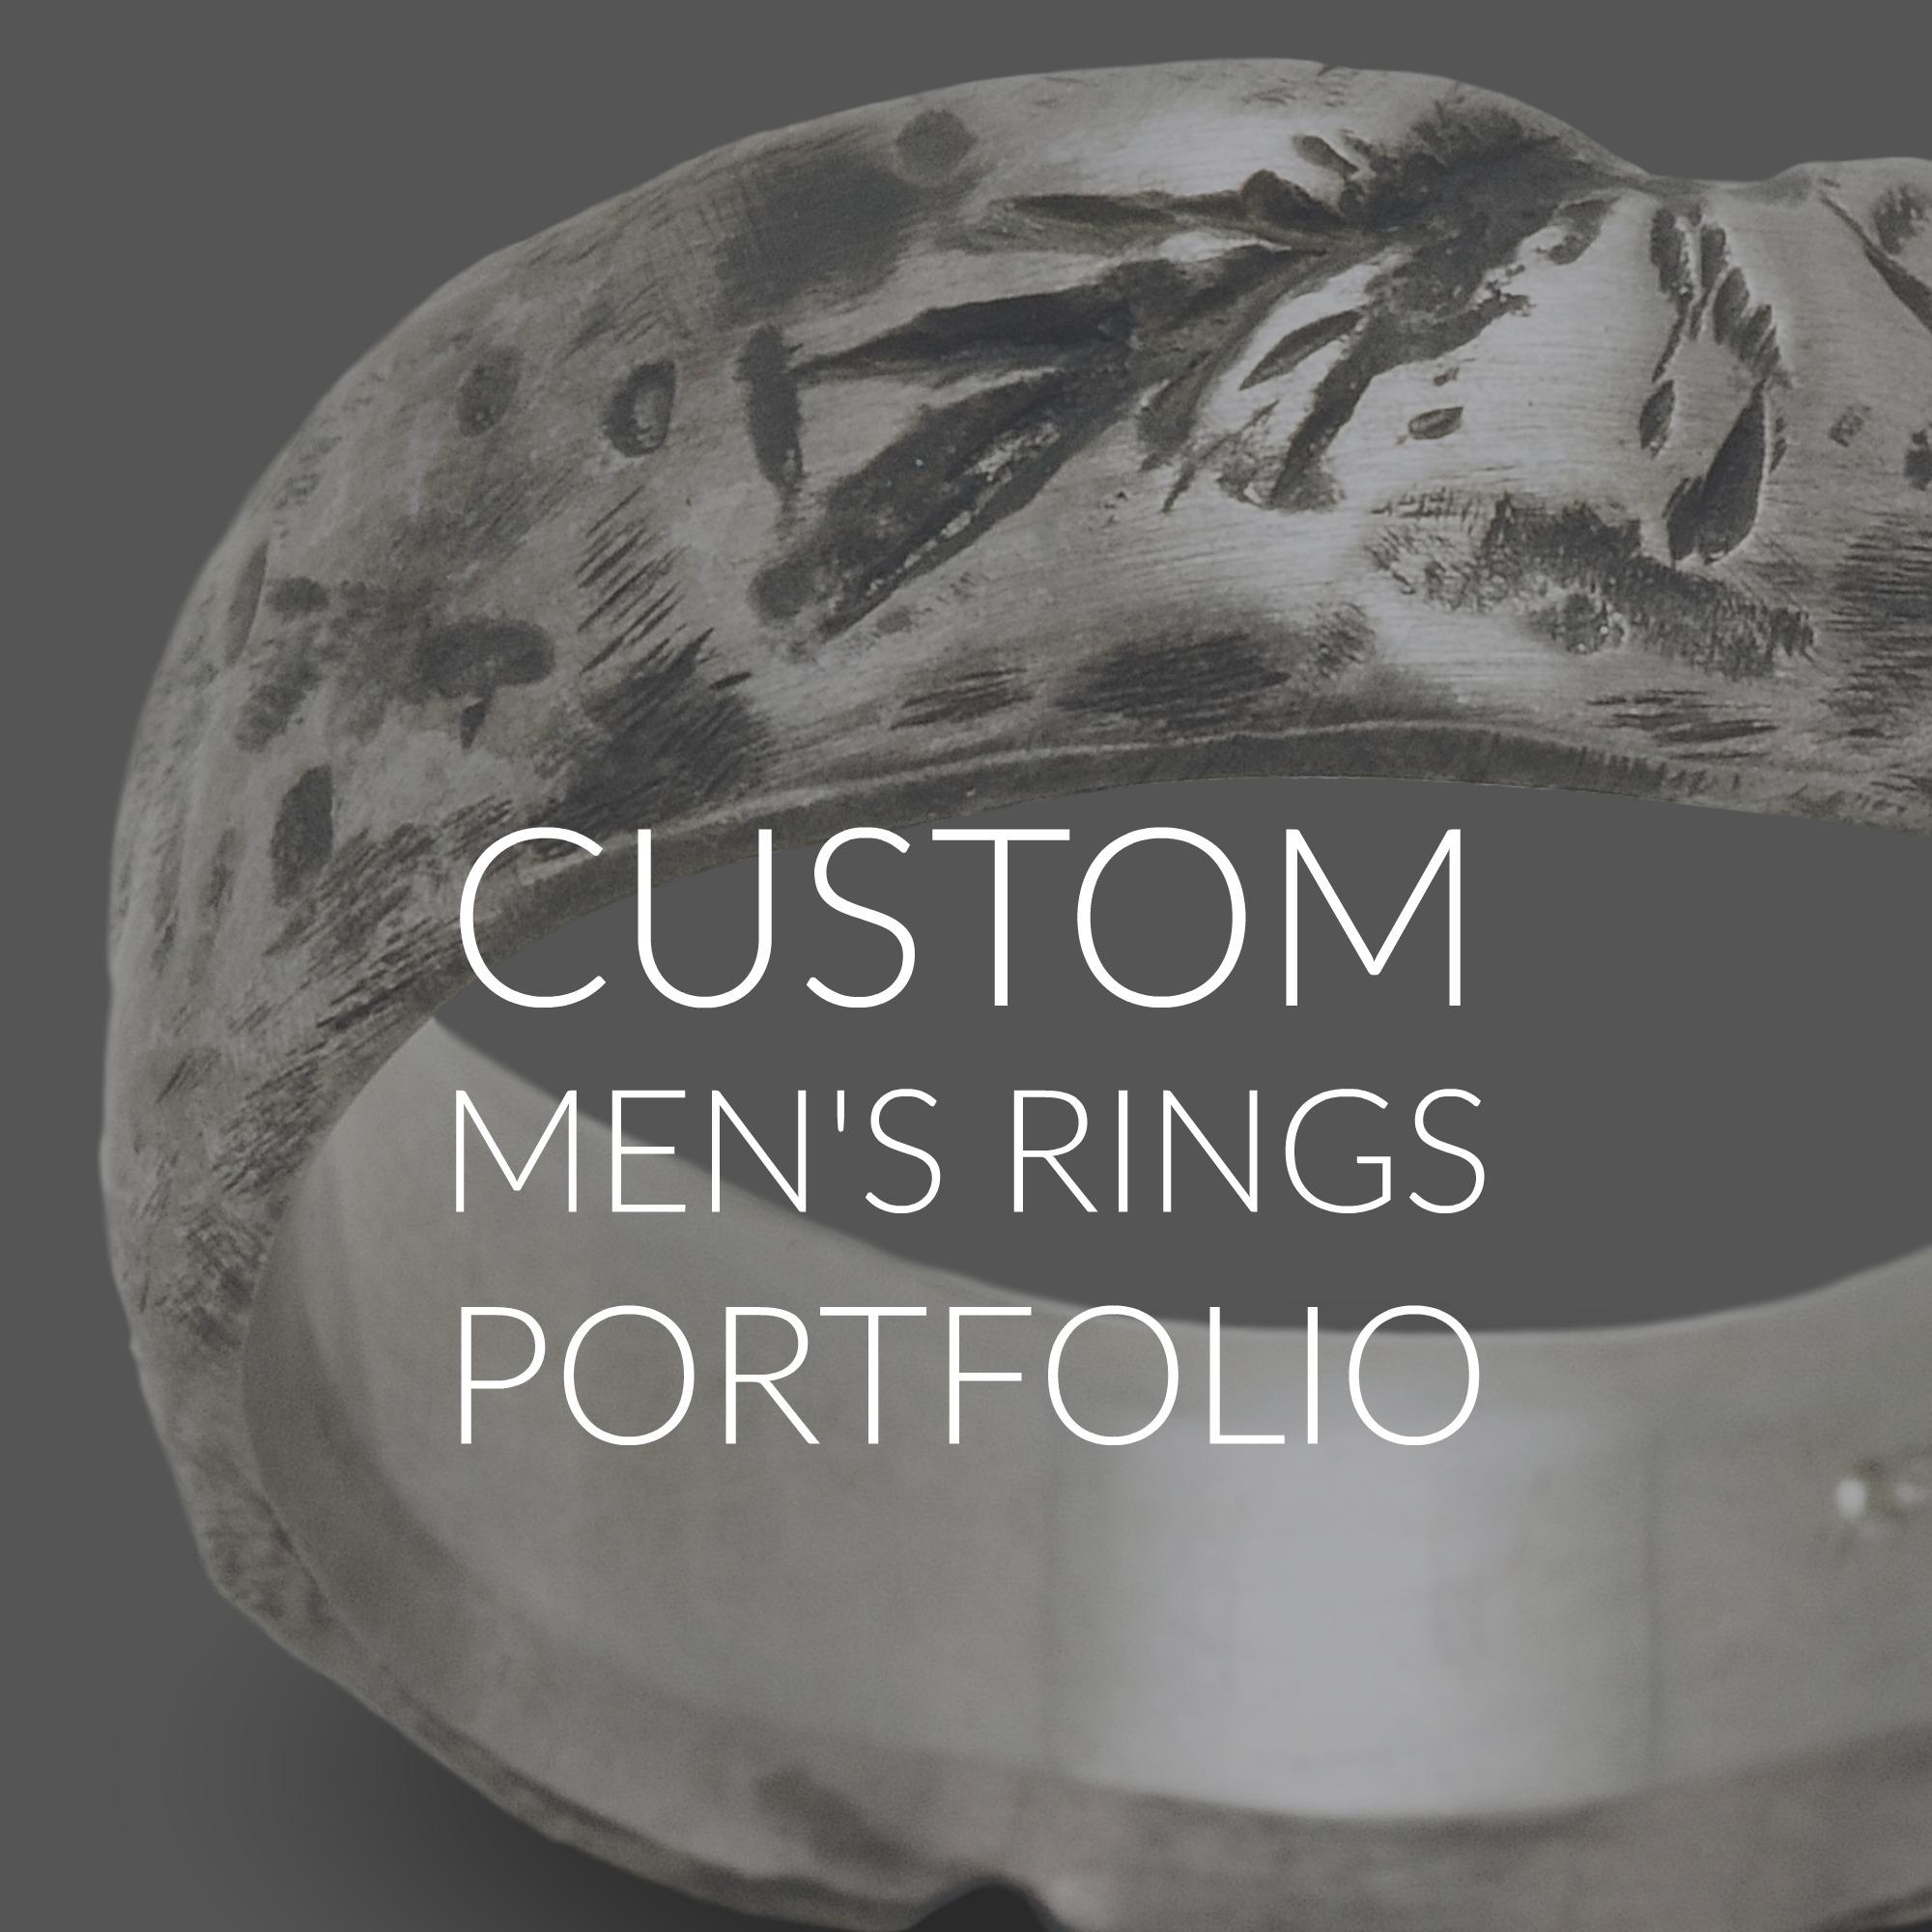 Custom Men's Rings.jpg